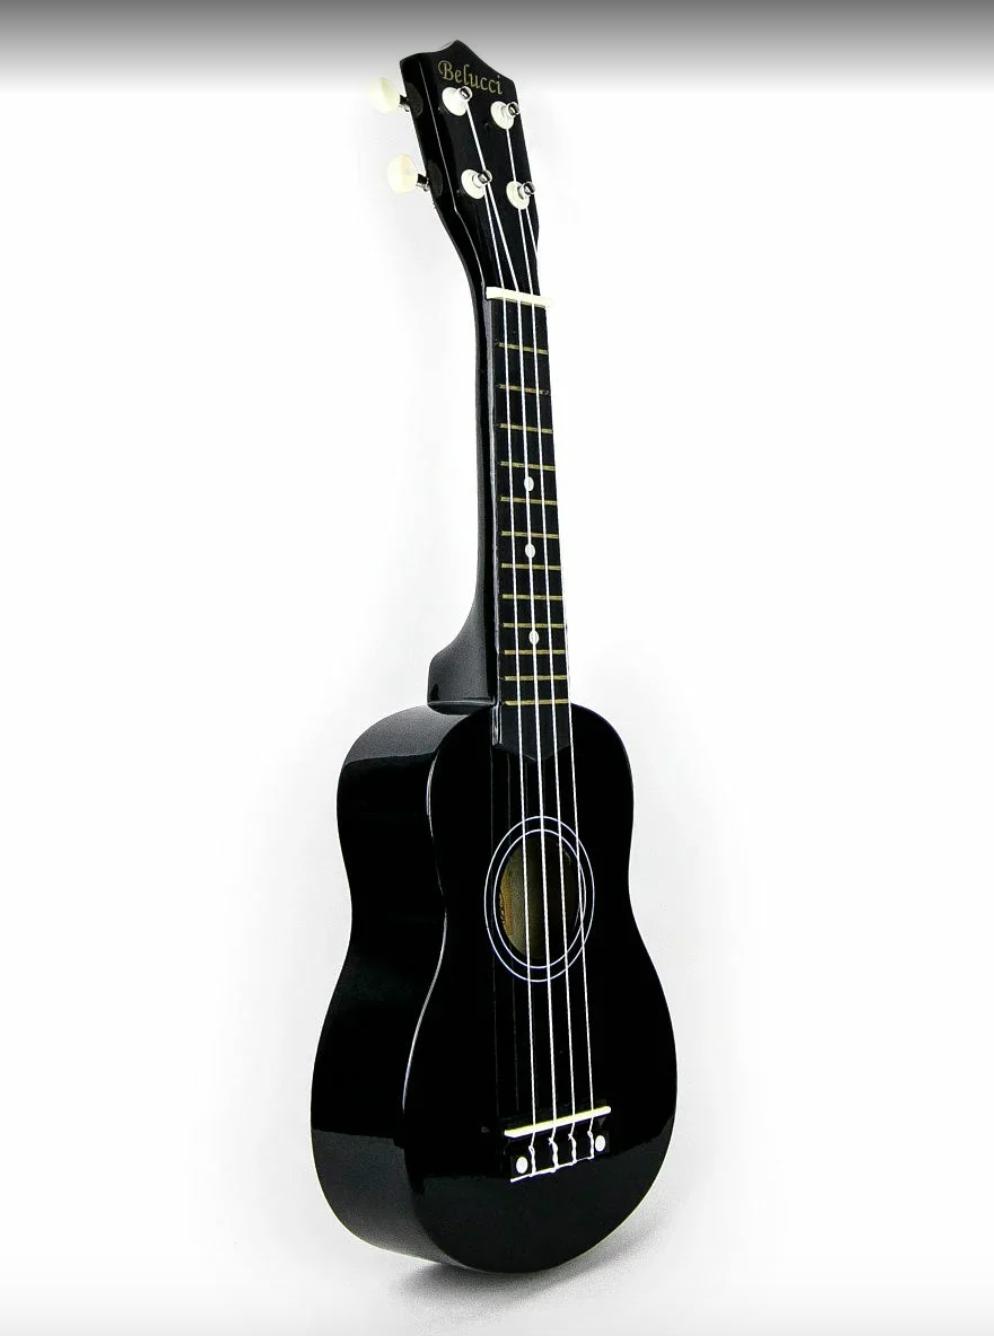 Belucci XU23-11 Black